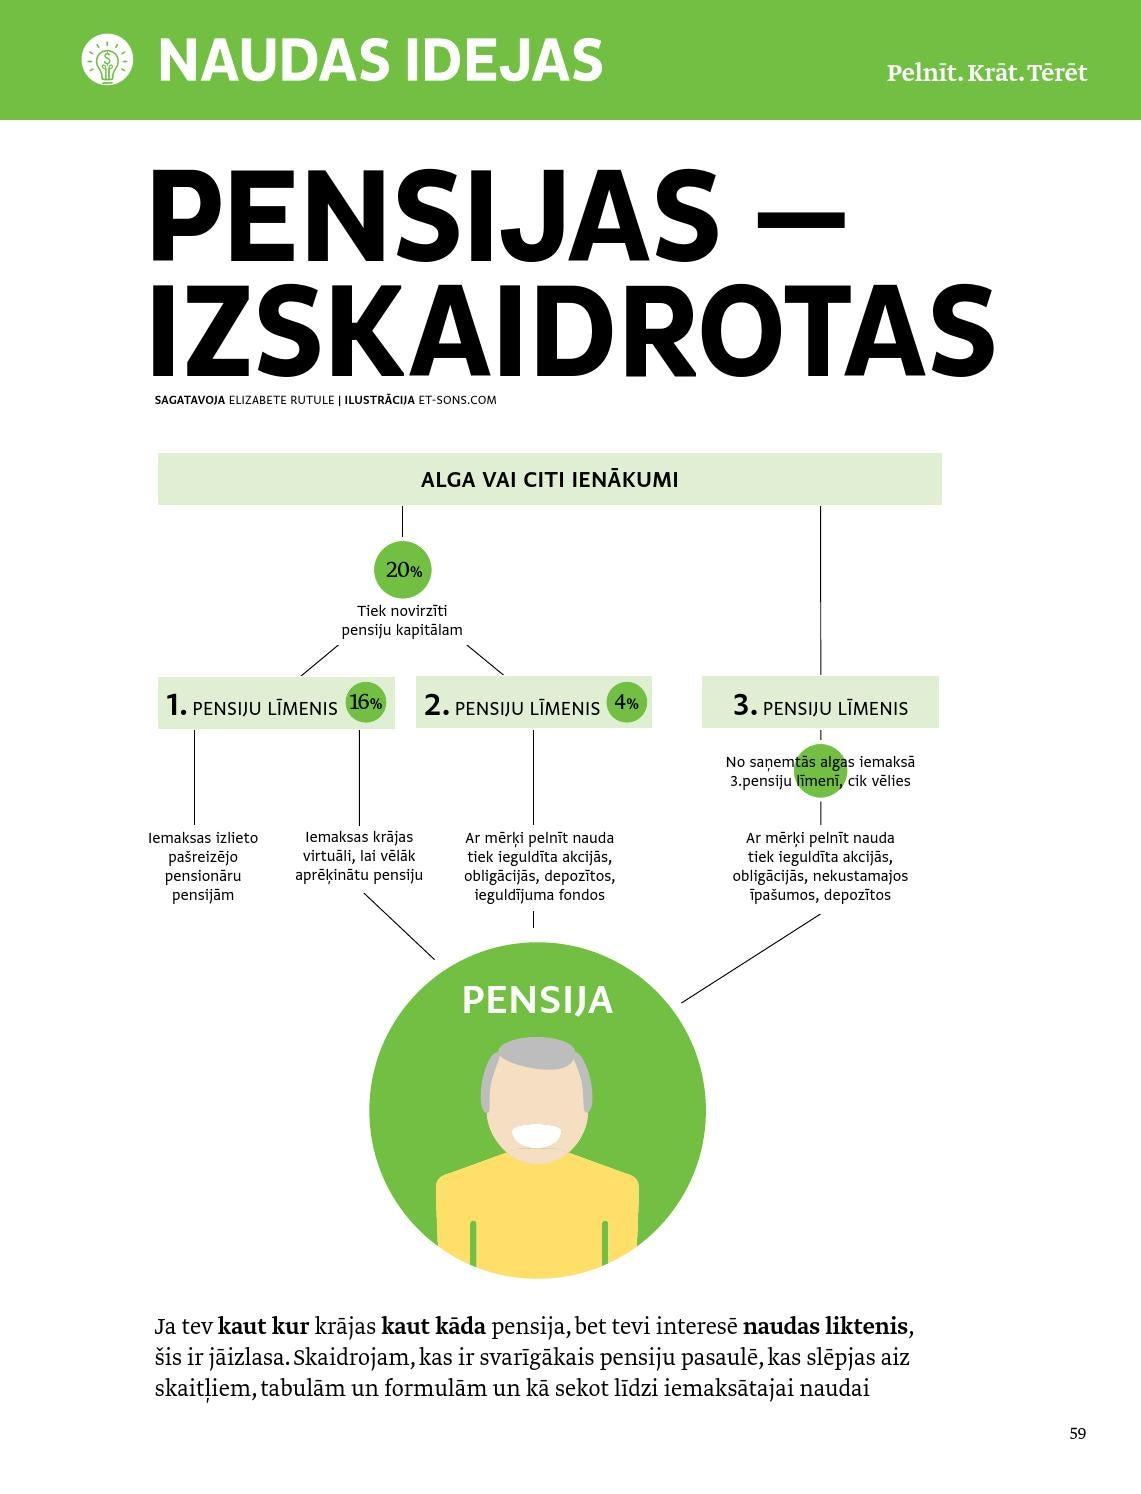 ko pensionārs var darīt, lai nopelnītu naudu)